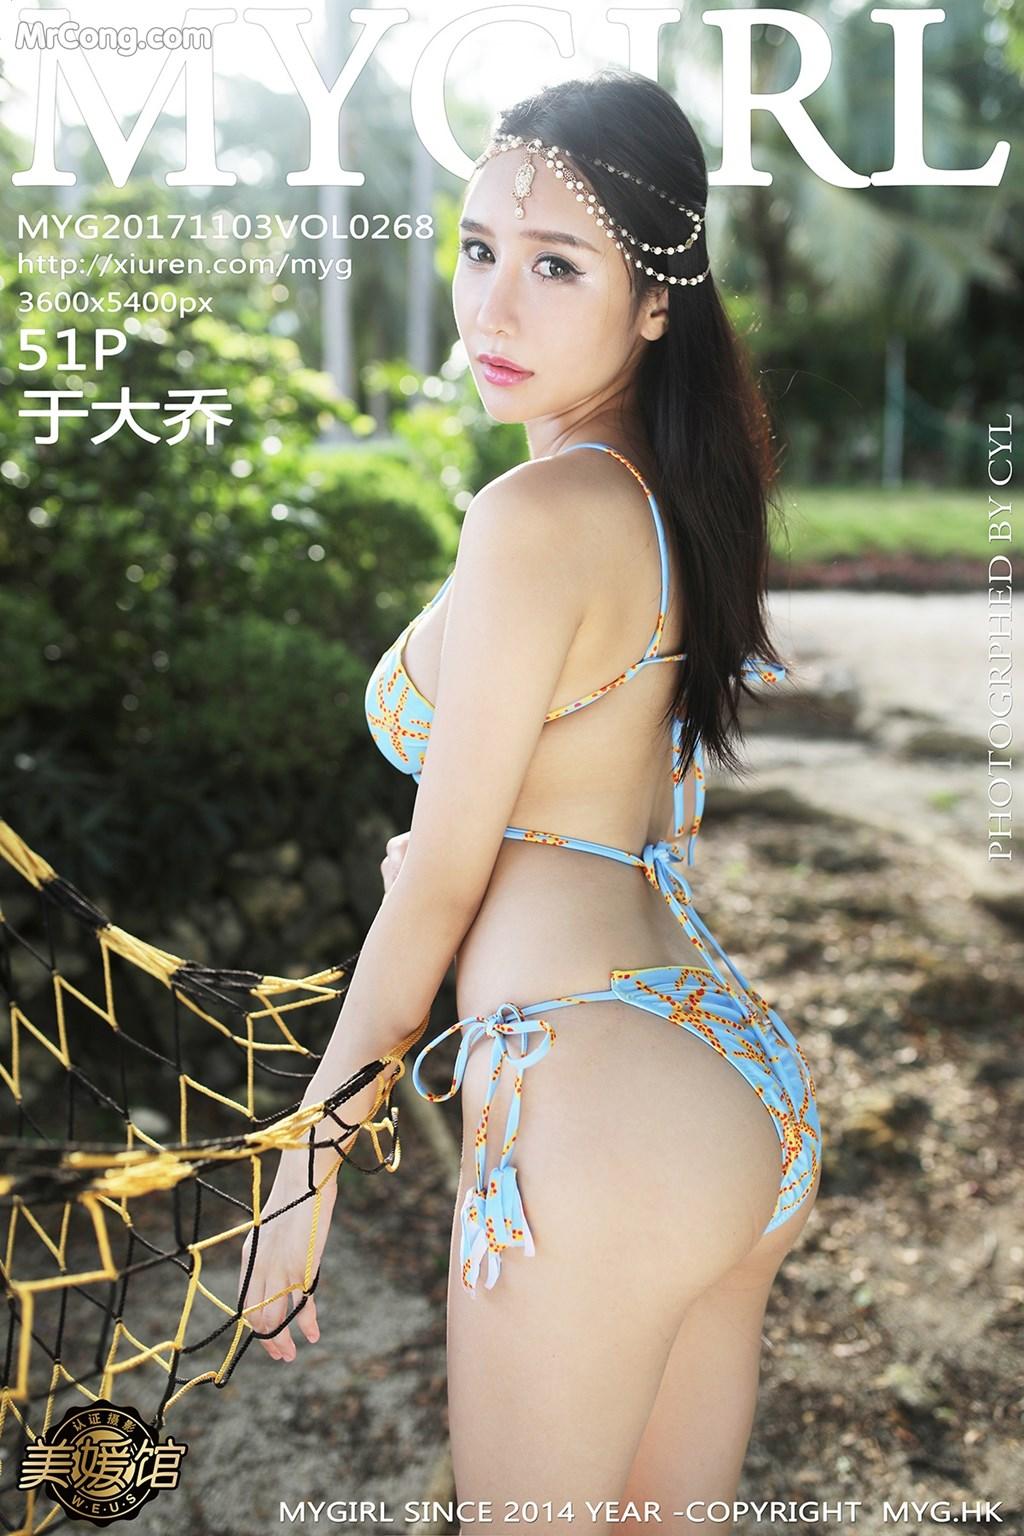 MyGirl Vol.268: Người mẫu Yu Da Qiao (于大乔) (52 ảnh)